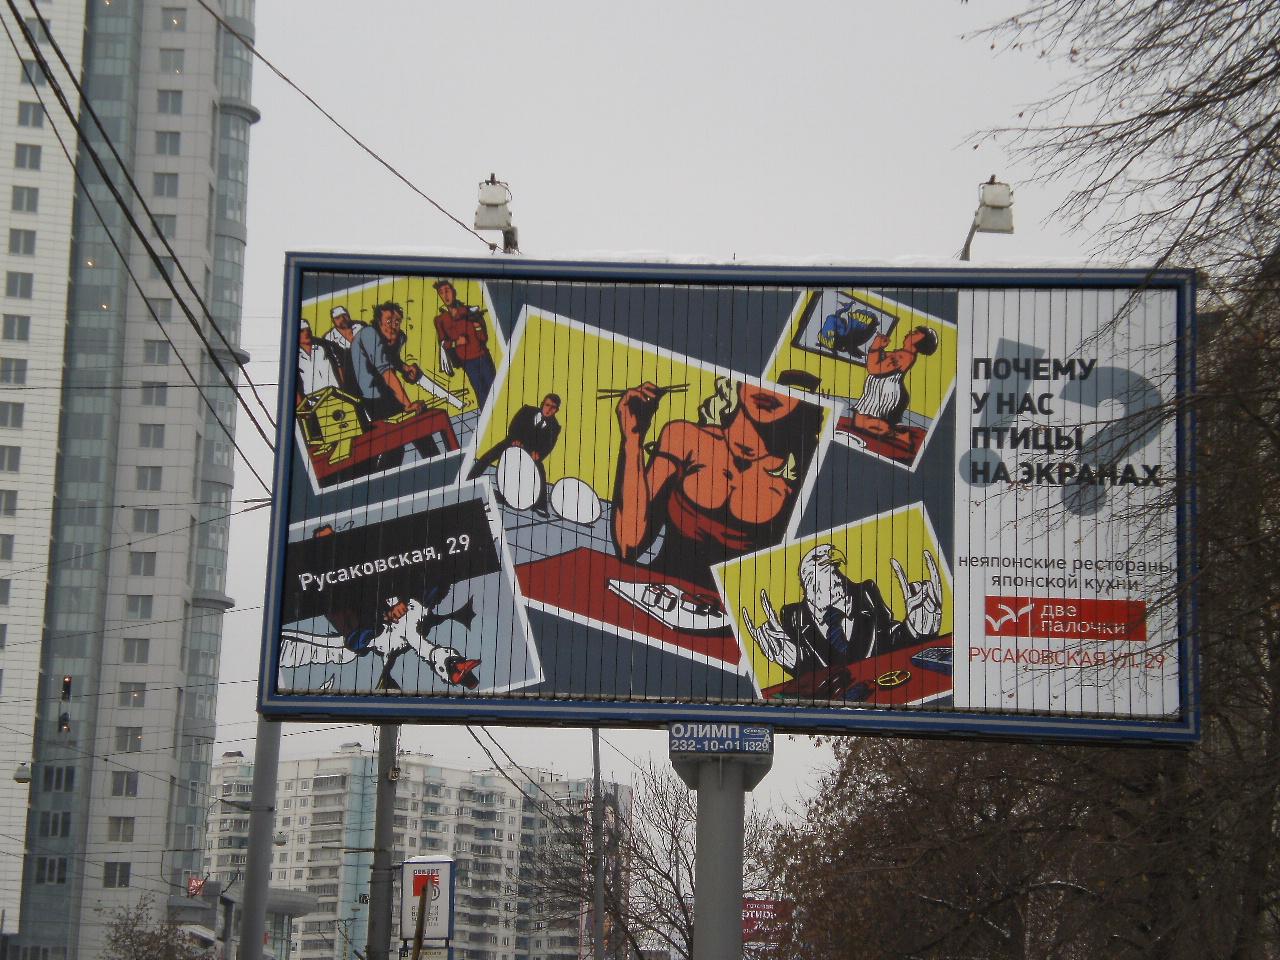 bolshogo-video-pornuhi-zasnyatoy-v-moskve-na-reklamnom-stende-porno-ebli-zhen